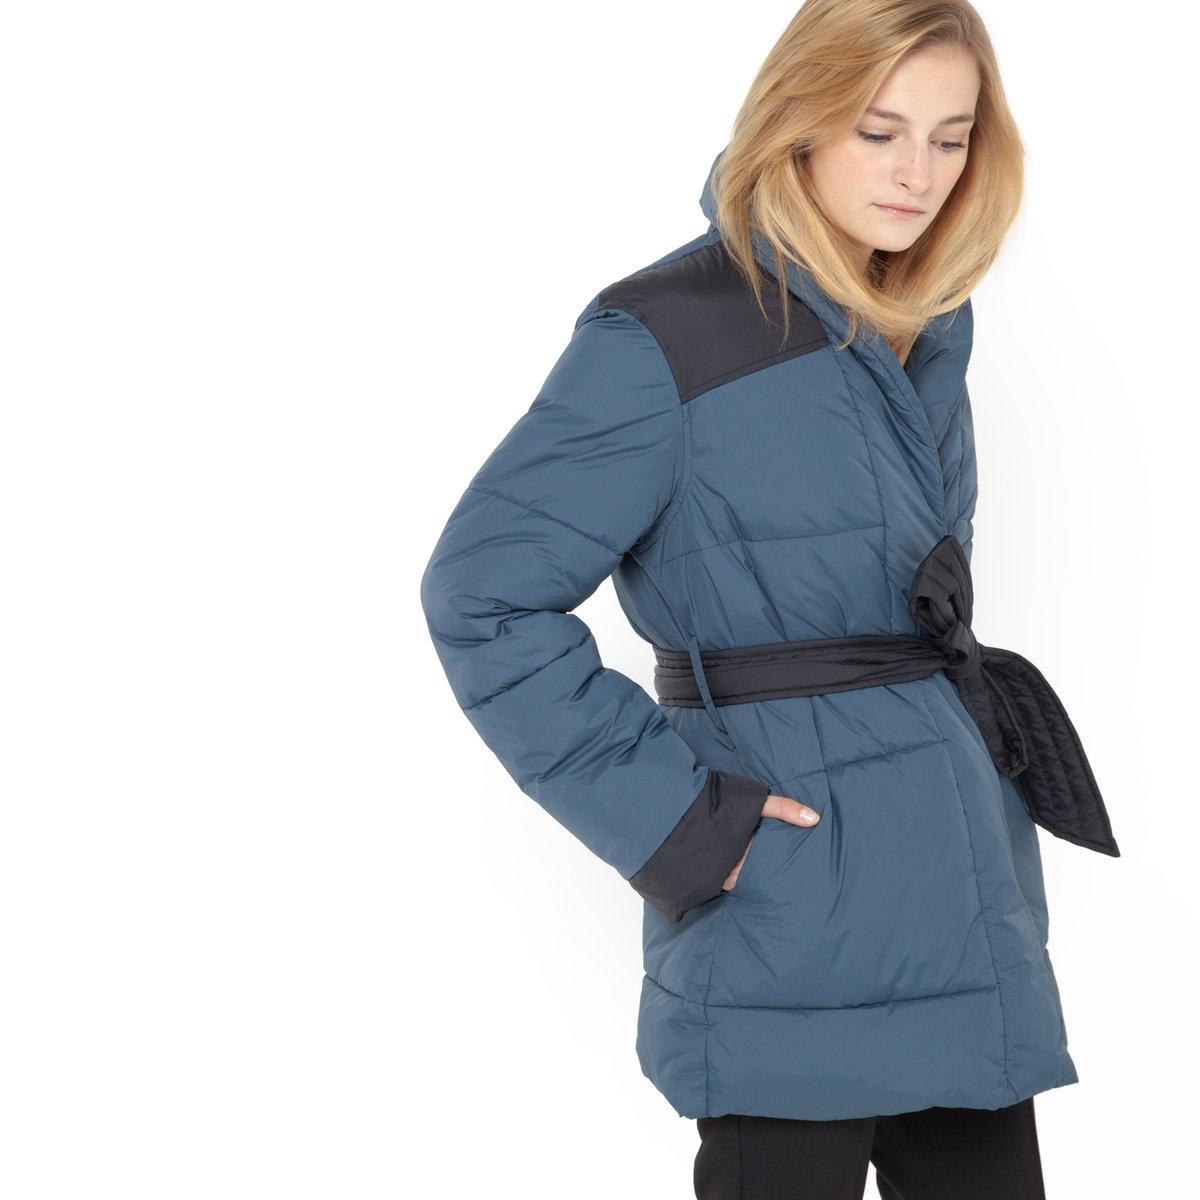 Куртка стеганая длиннаяДлинная стеганая куртка с поясом. Фасон кимоно. 2 кармана. Застежка на 1 кнопку. 100% полиамида, подкладка: 100% полиэстера. Длина 80 см.<br><br>Цвет: темно-синий<br>Размер: 44 (FR) - 50 (RUS)